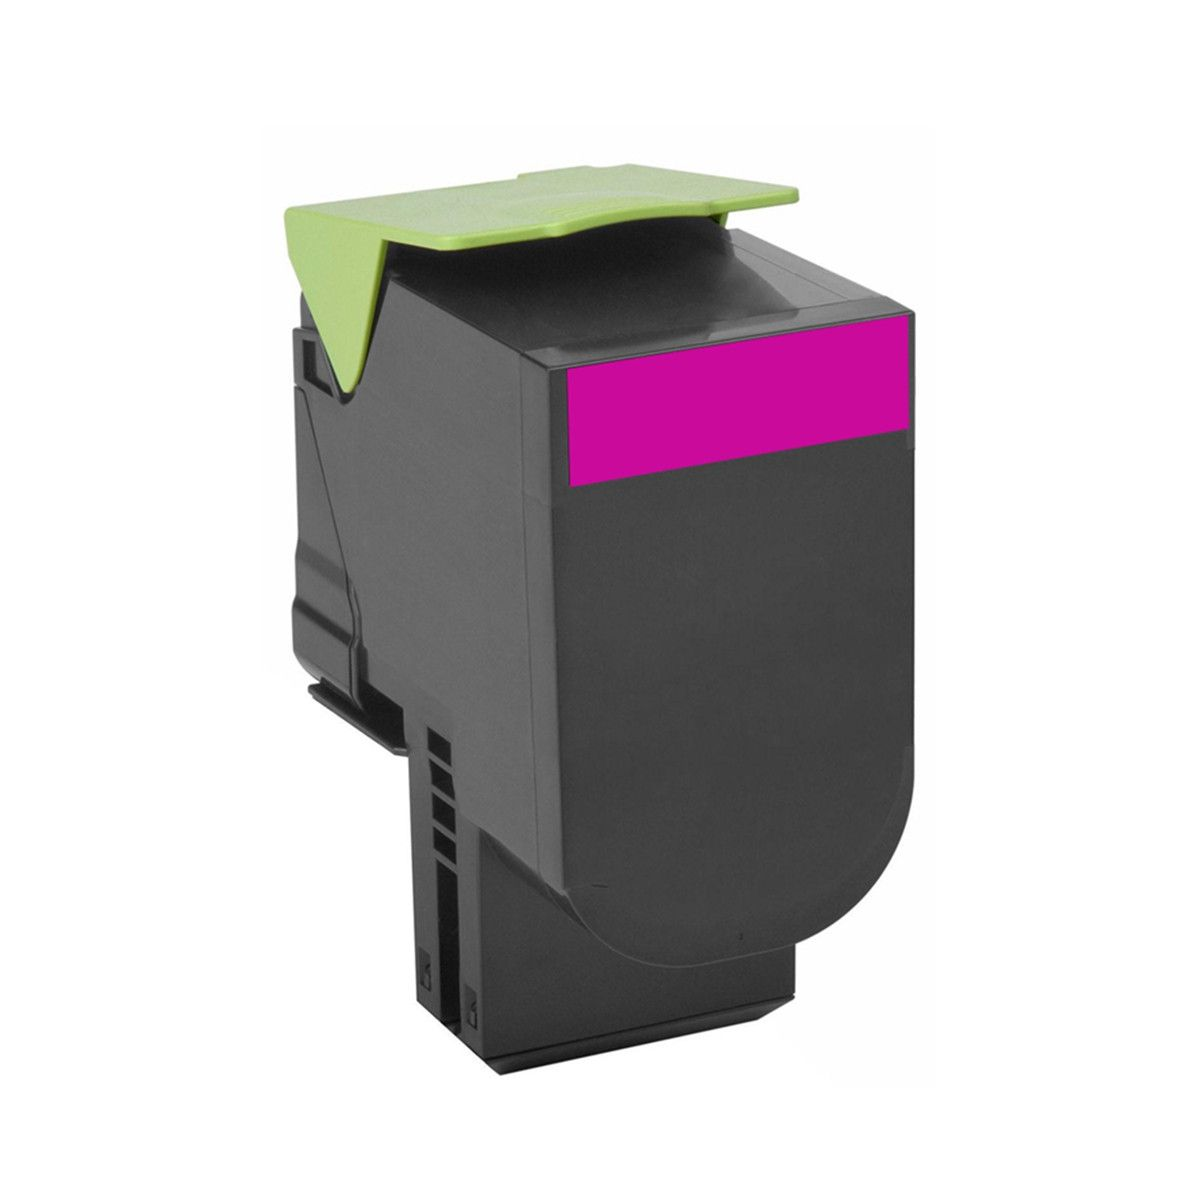 Chip compatível Lexmark [71B40M0] Impressoras CX317/417/517 - MAGENTA - 2.300 Páginas - Cartucho & Cia